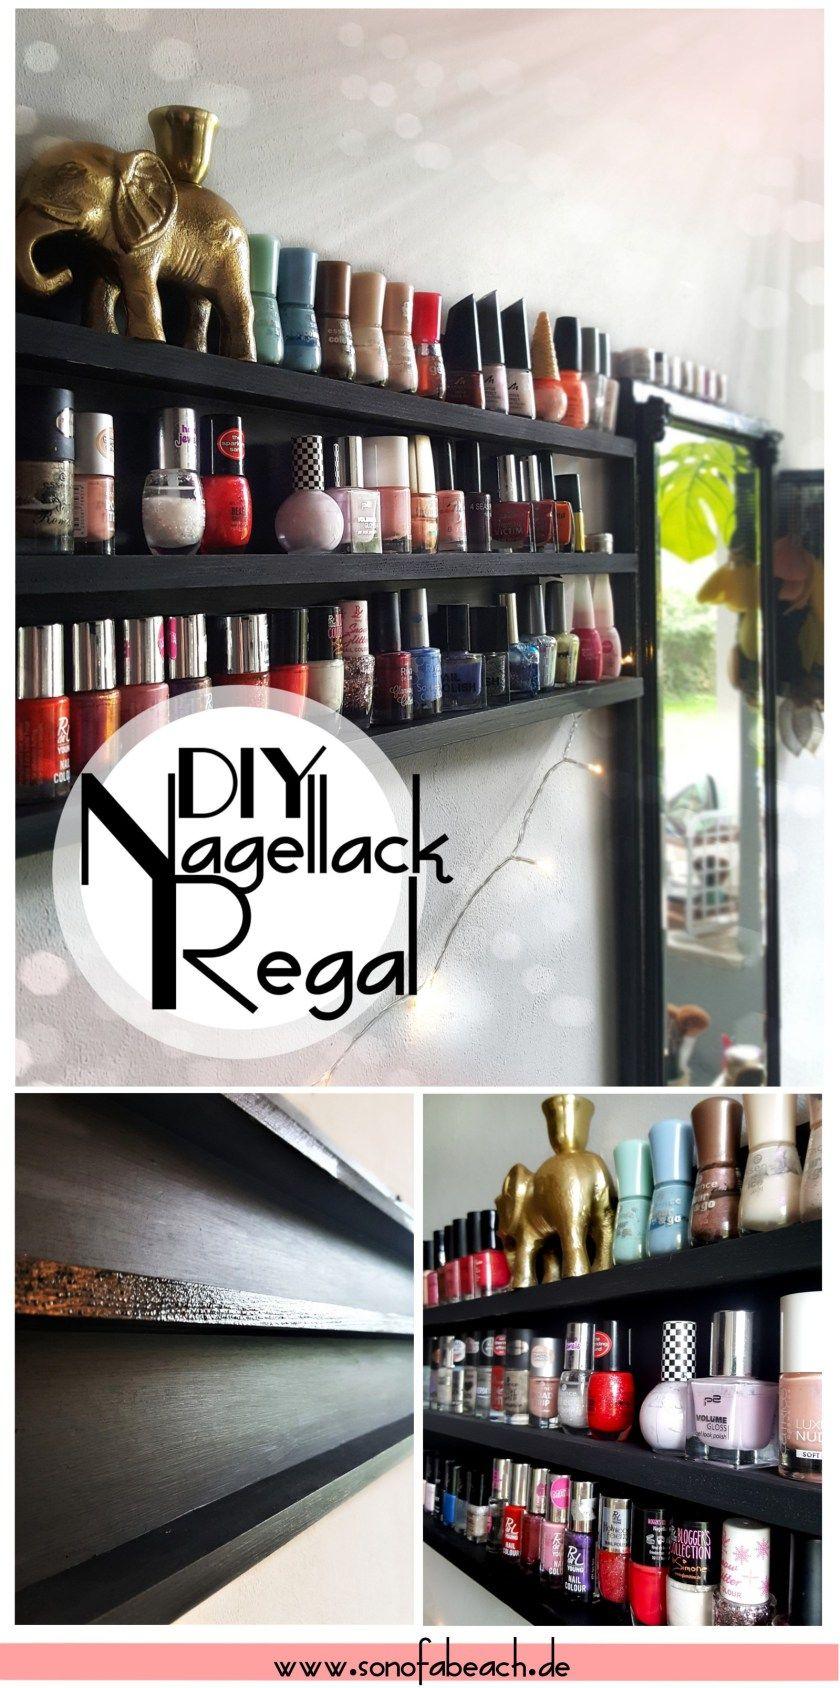 Diy Nagellack Regal Einfach Und Gunstig Selber Bauen Nagellack